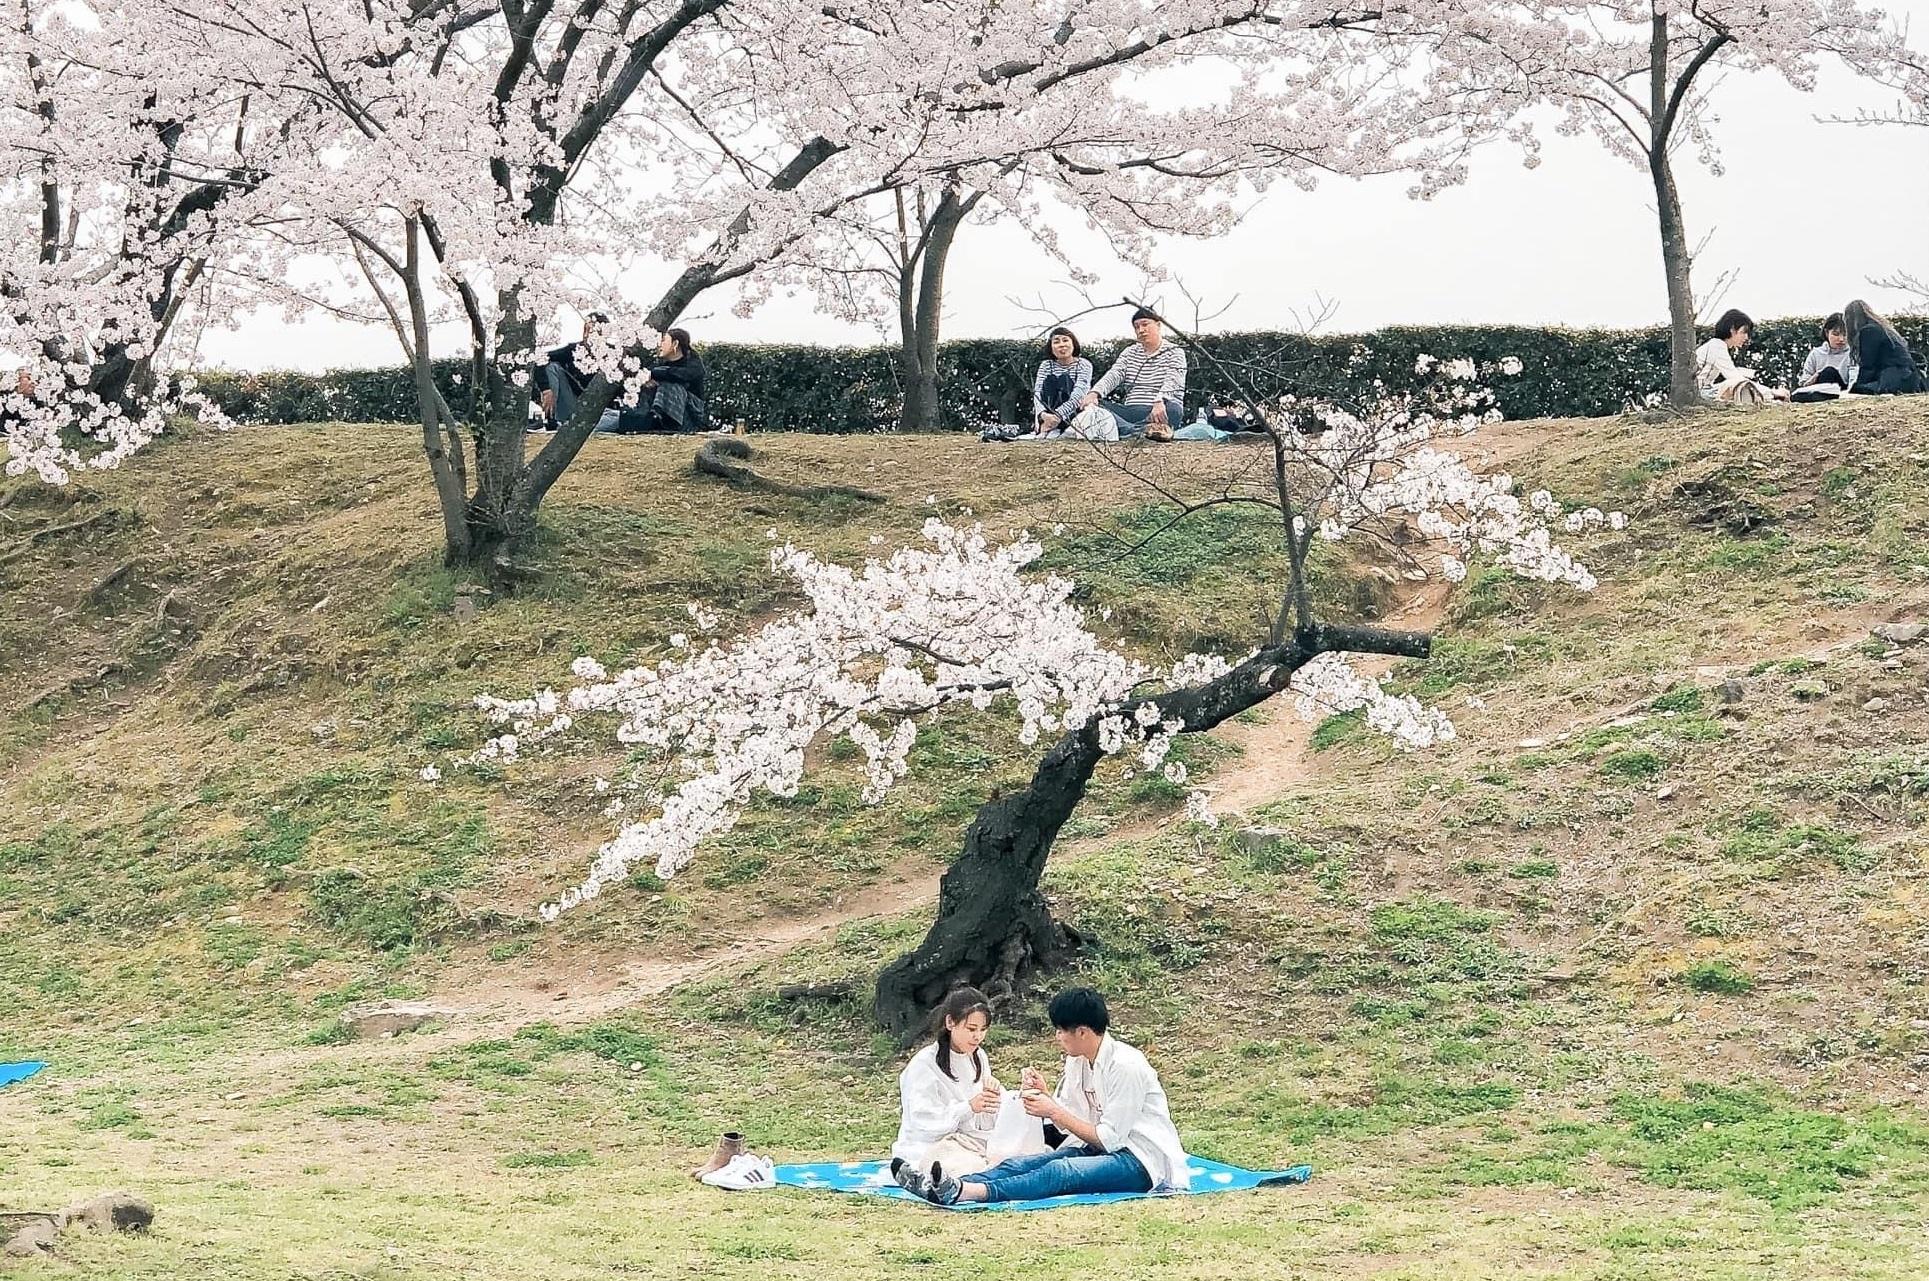 Có một mùa hoa anh đào Nhật Bản đẹp đến tan chảy qua ống kính của du học sinh người Việt: Một khi đã xem thì chẳng thể rời mắt được - Ảnh 11.